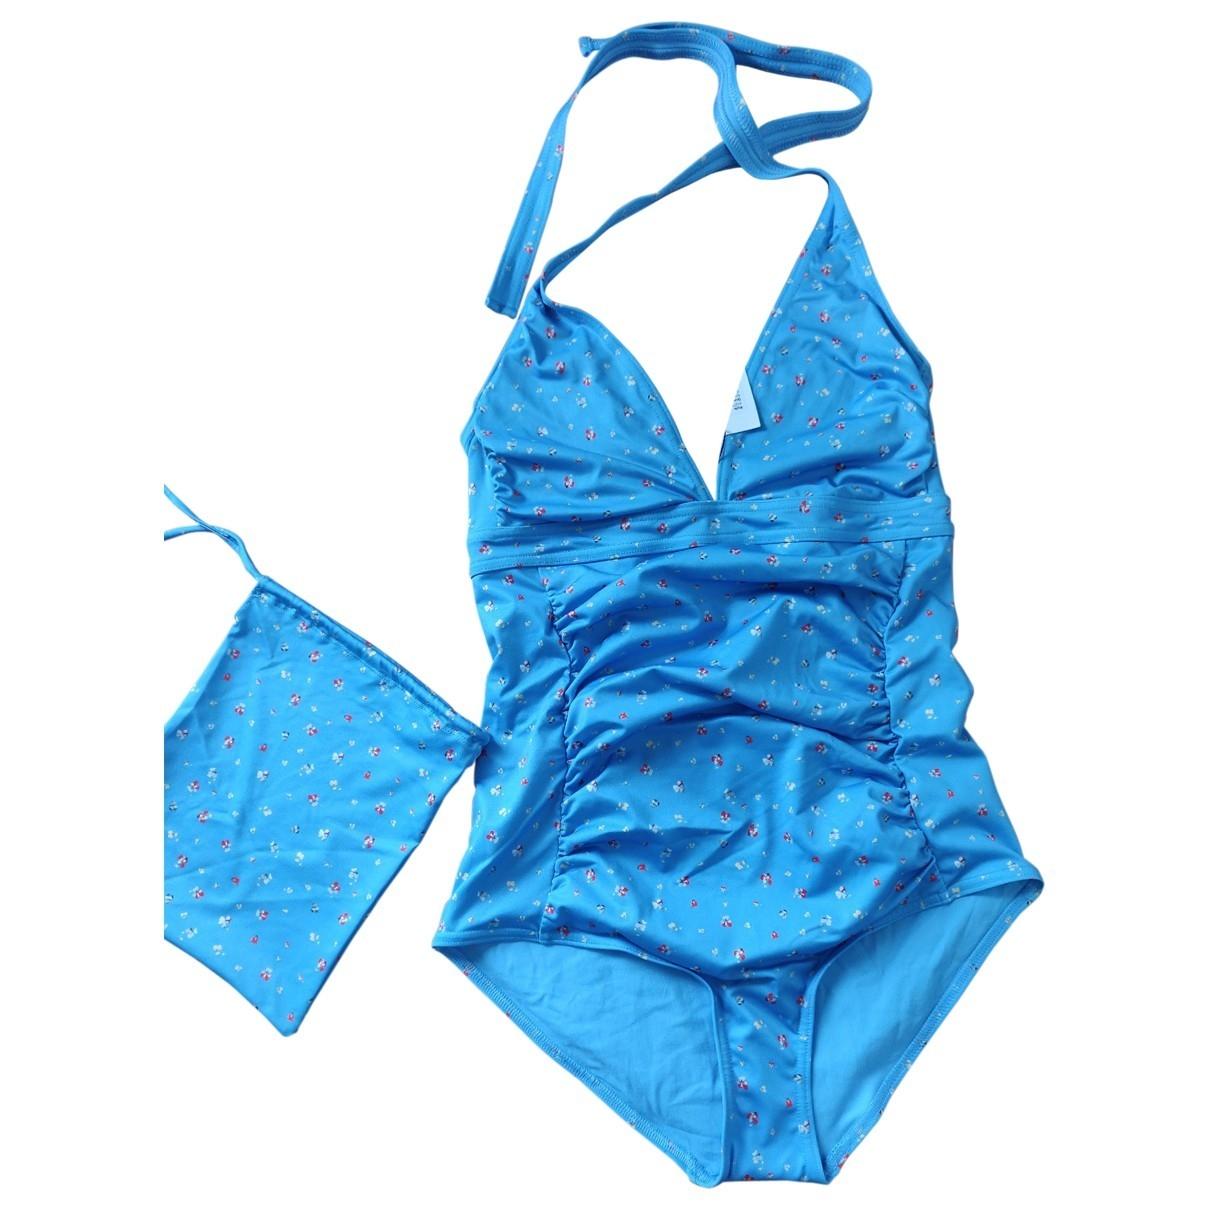 Ganni \N Badeanzug in  Blau Polyester